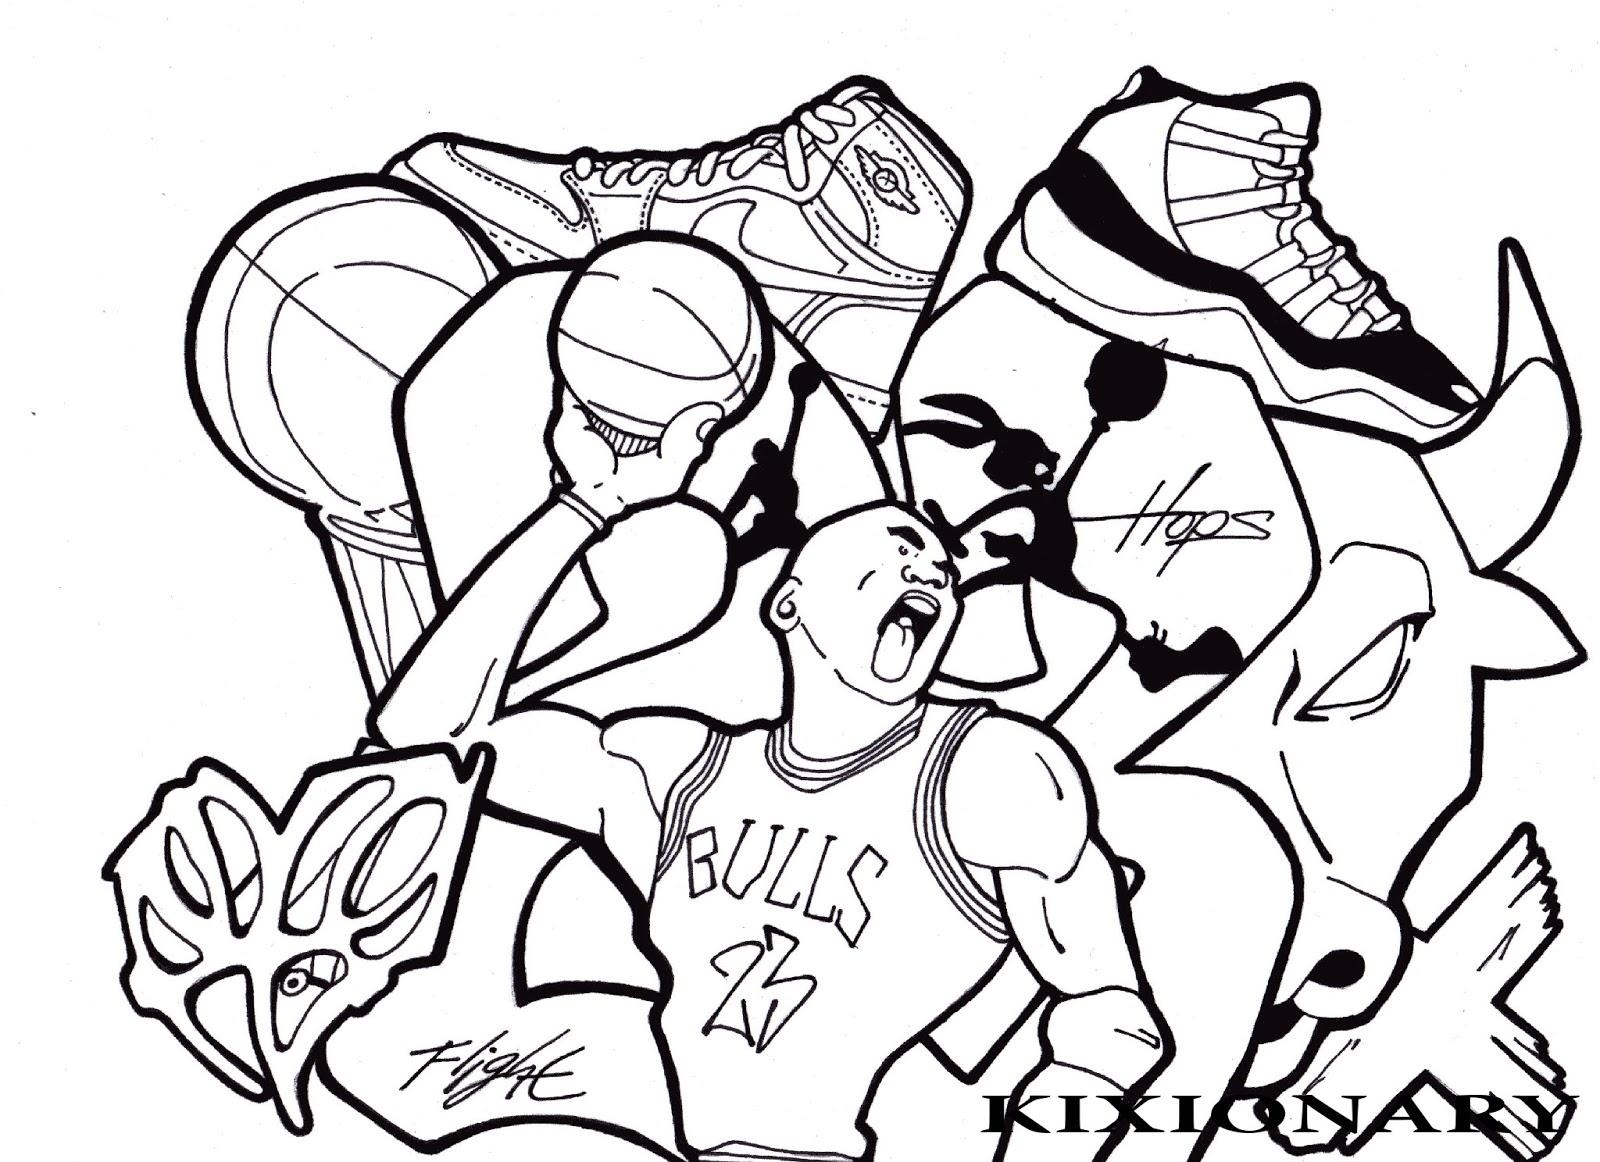 Michael Jordan Coloring Pages At Getdrawings